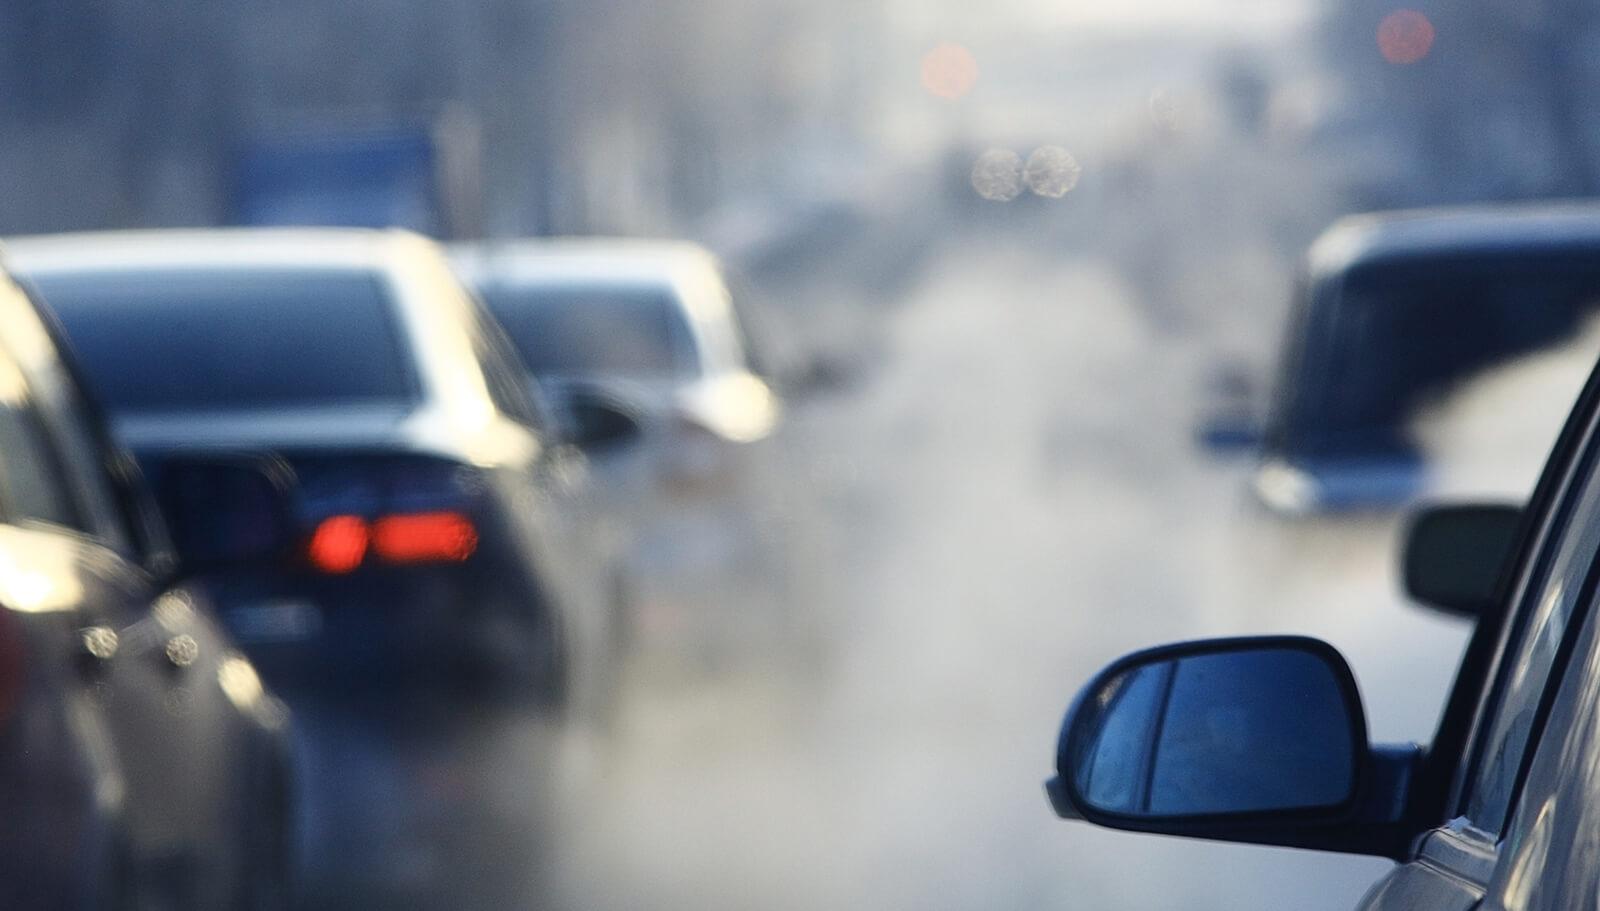 Autoabgase und Smog